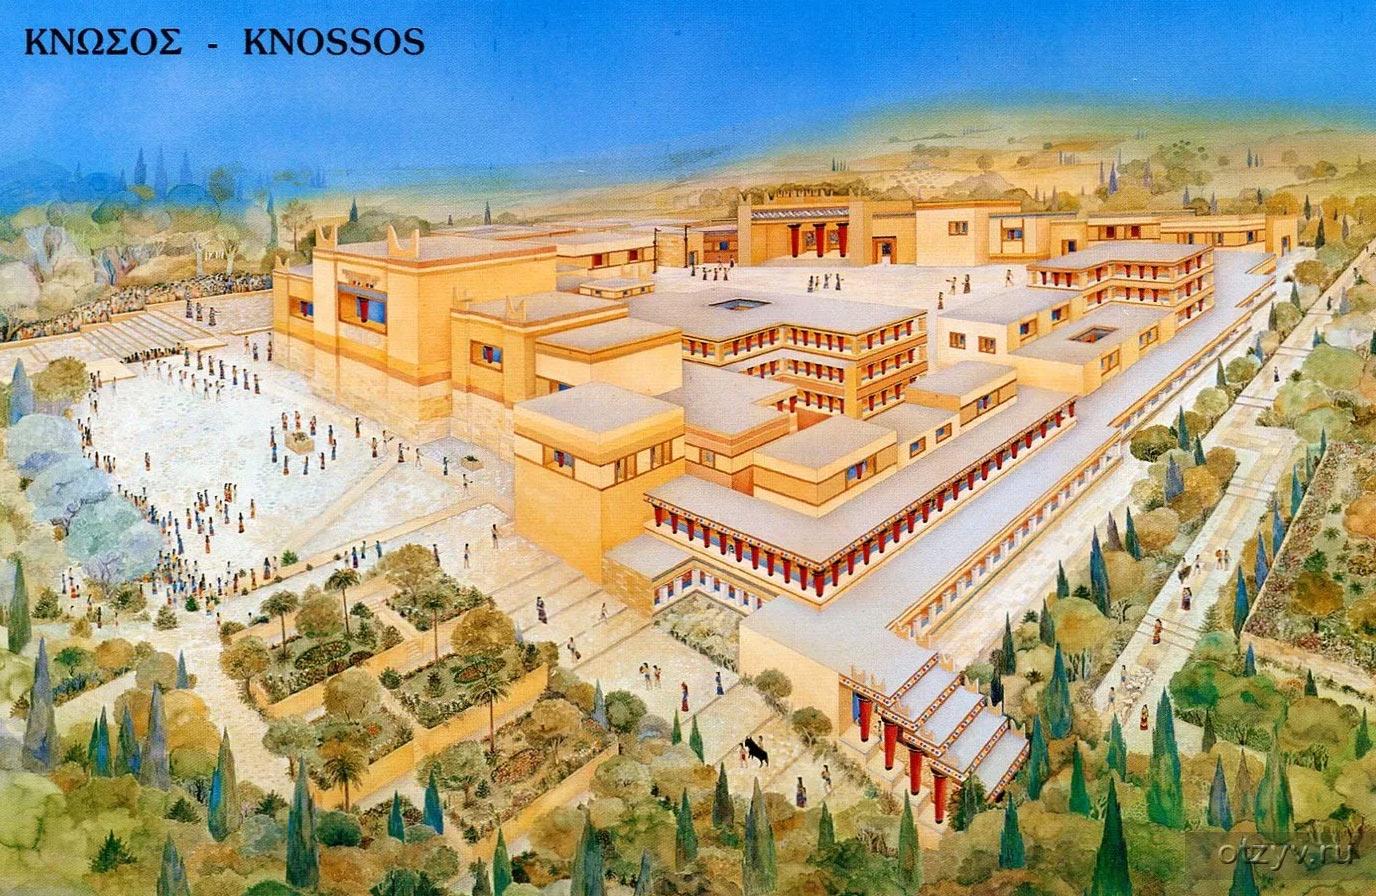 Реконструкция Кносского дворца на Крите. Даже по современным меркам, впечатляющее зрелище